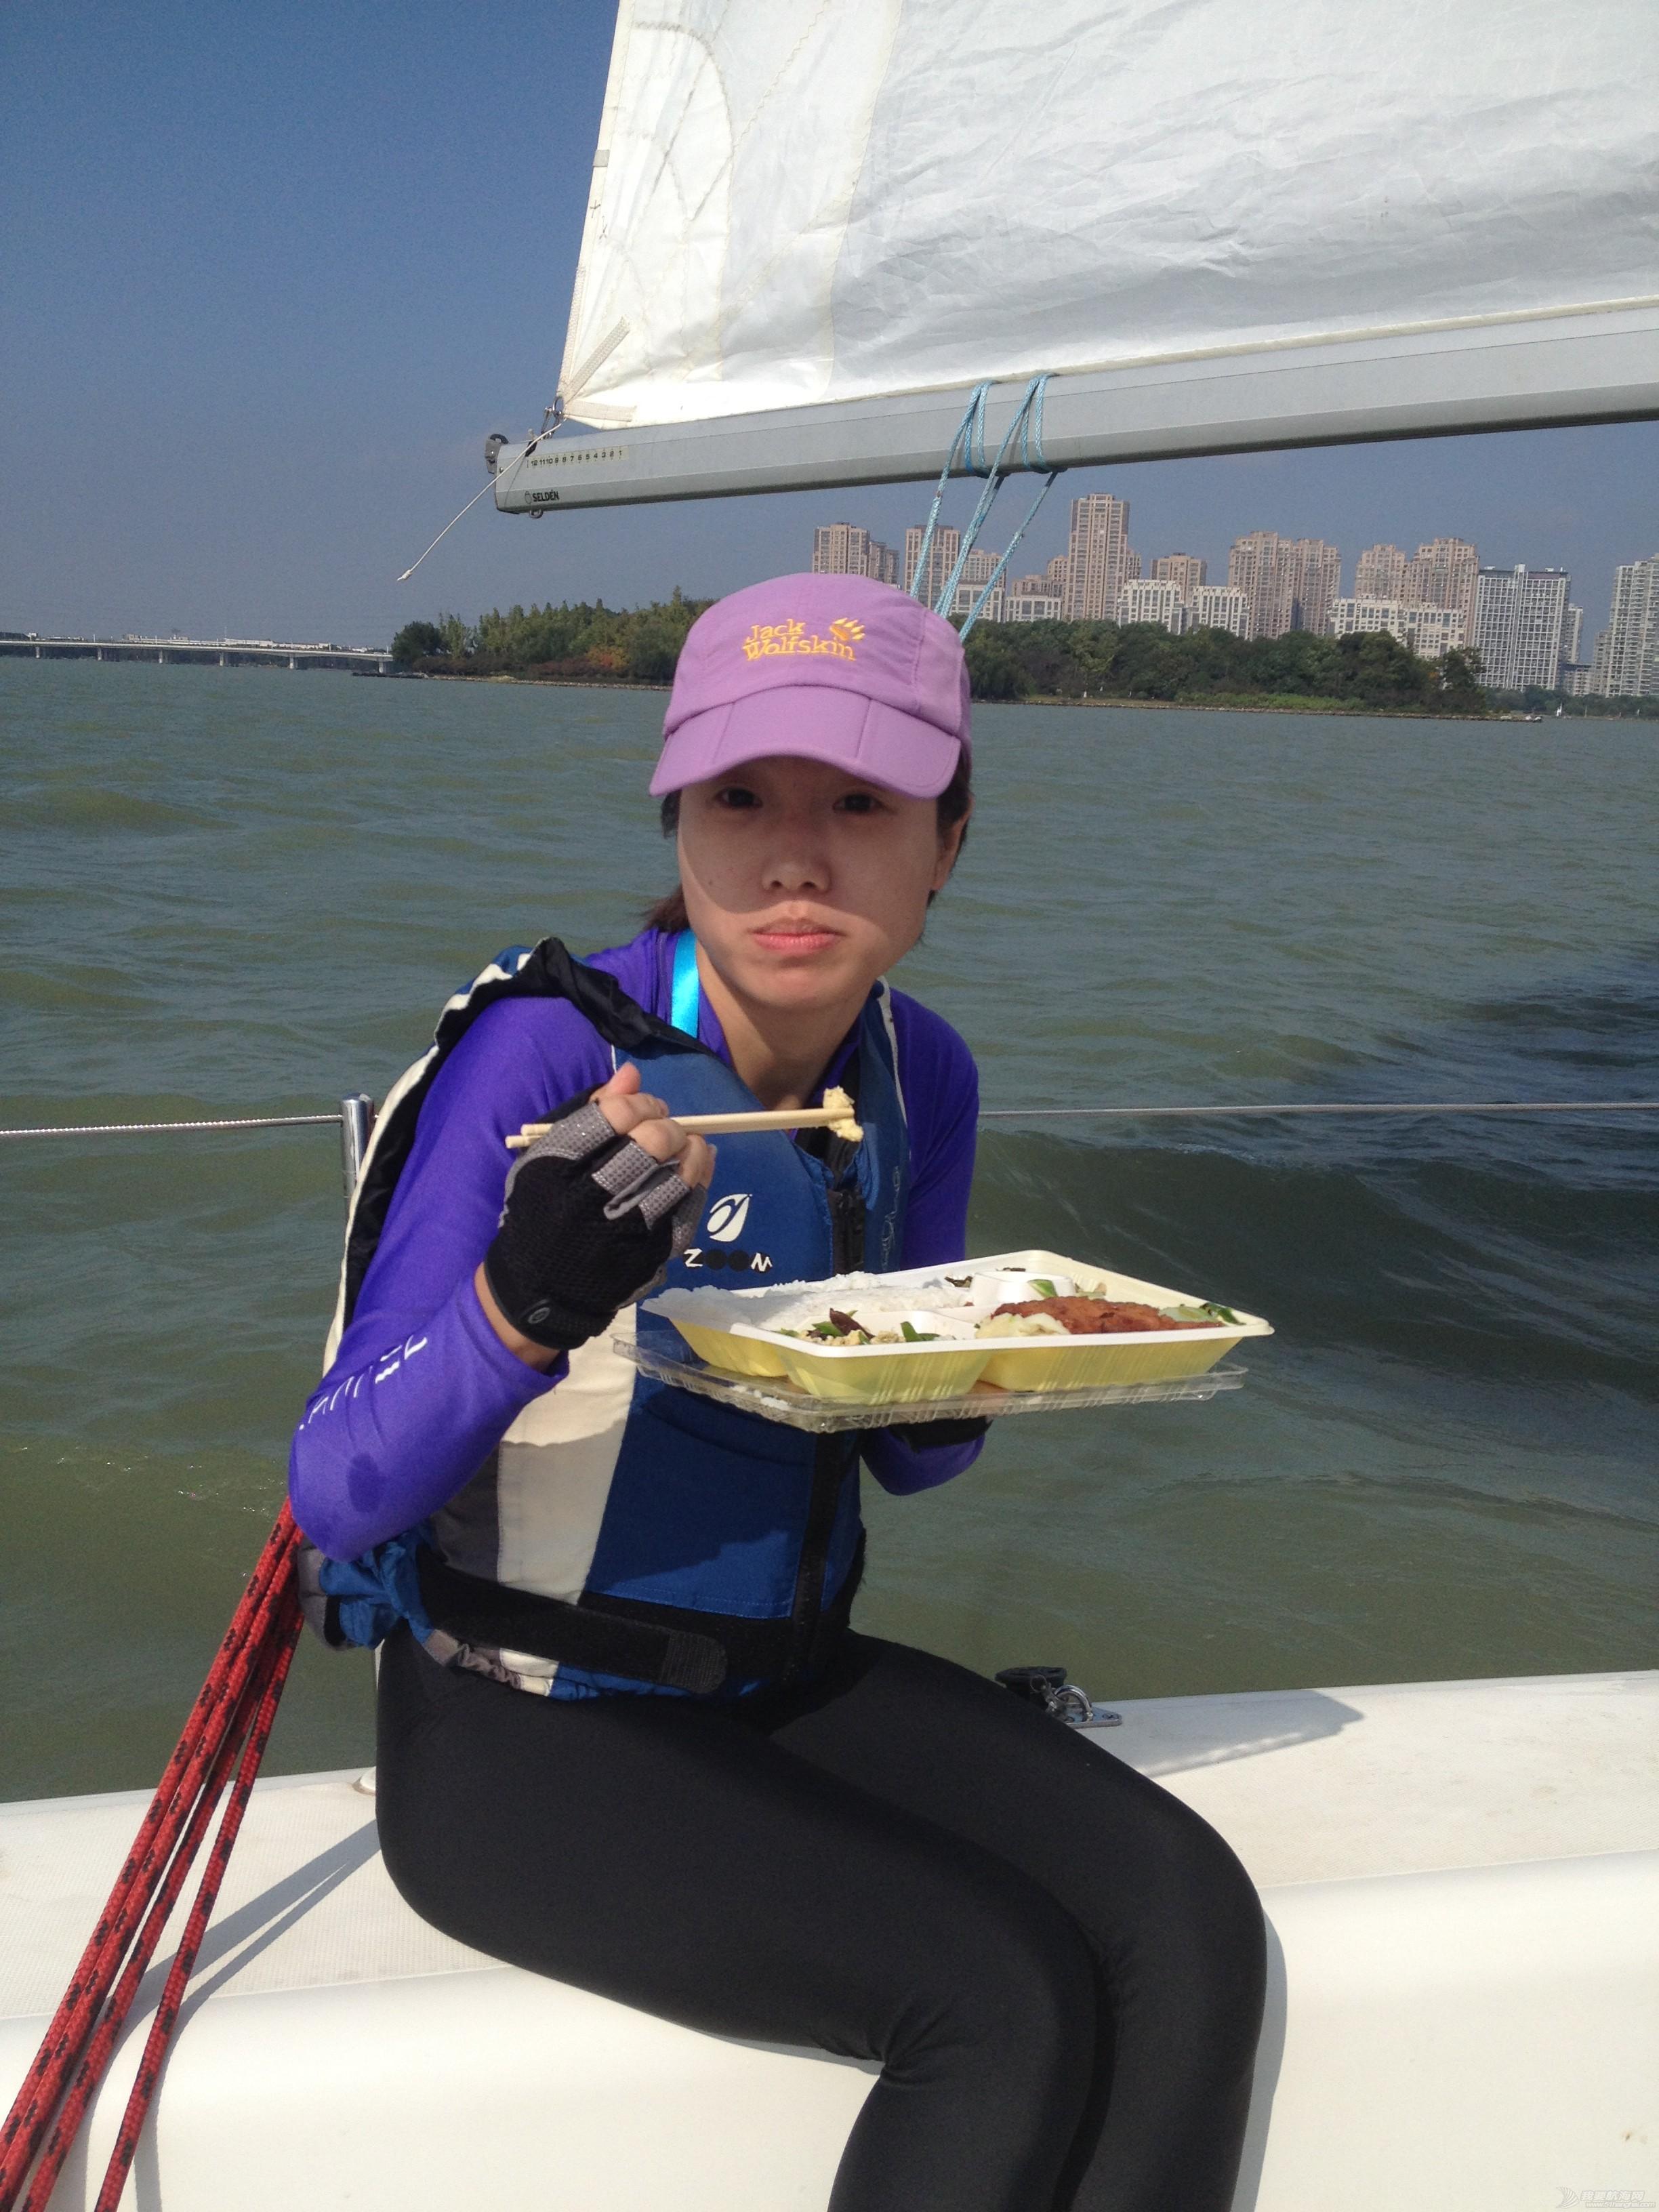 金鸡,苏州 苏州金鸡湖帆船赛-我的处女赛 IMG_2668.JPG